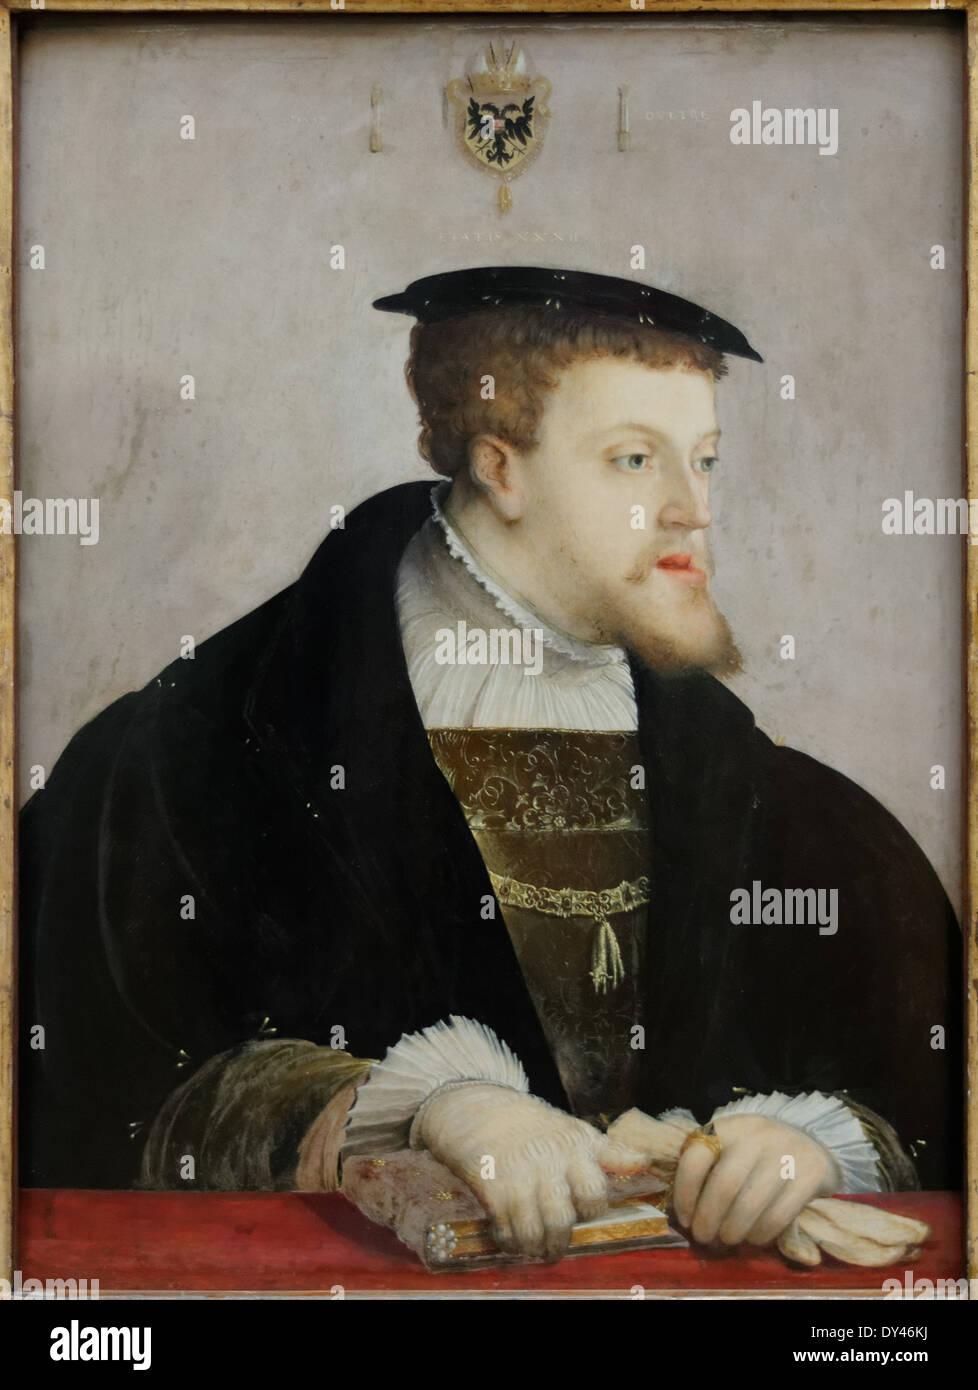 Christoph Amberger - Kaiser Karl V- 1532 - XVI th Century - German School - Gemäldegalerie - Berlin - Stock Image